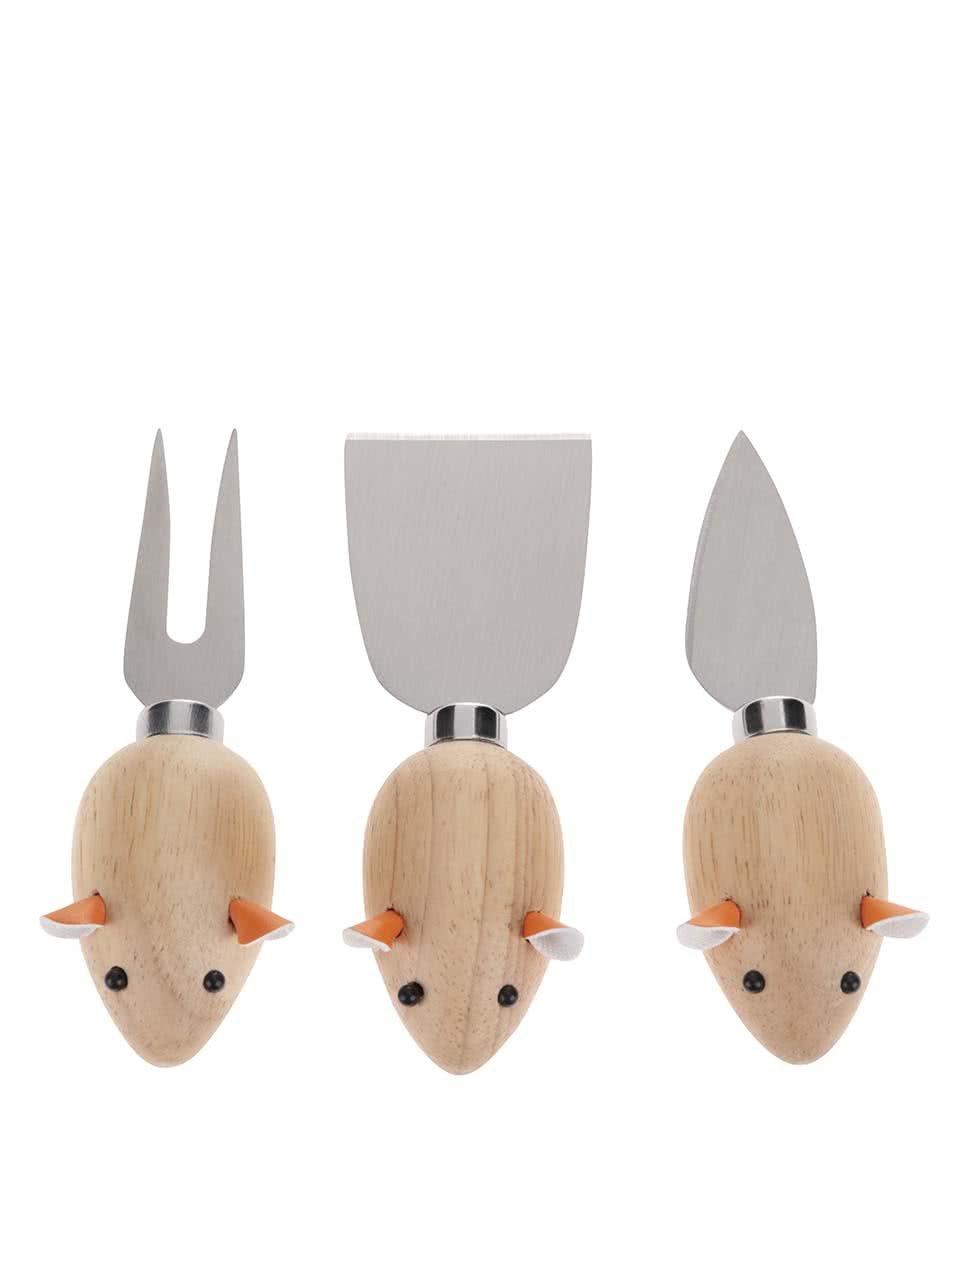 Třídílná sada na přípravu sýrů ve tvaru myší Kikkerland